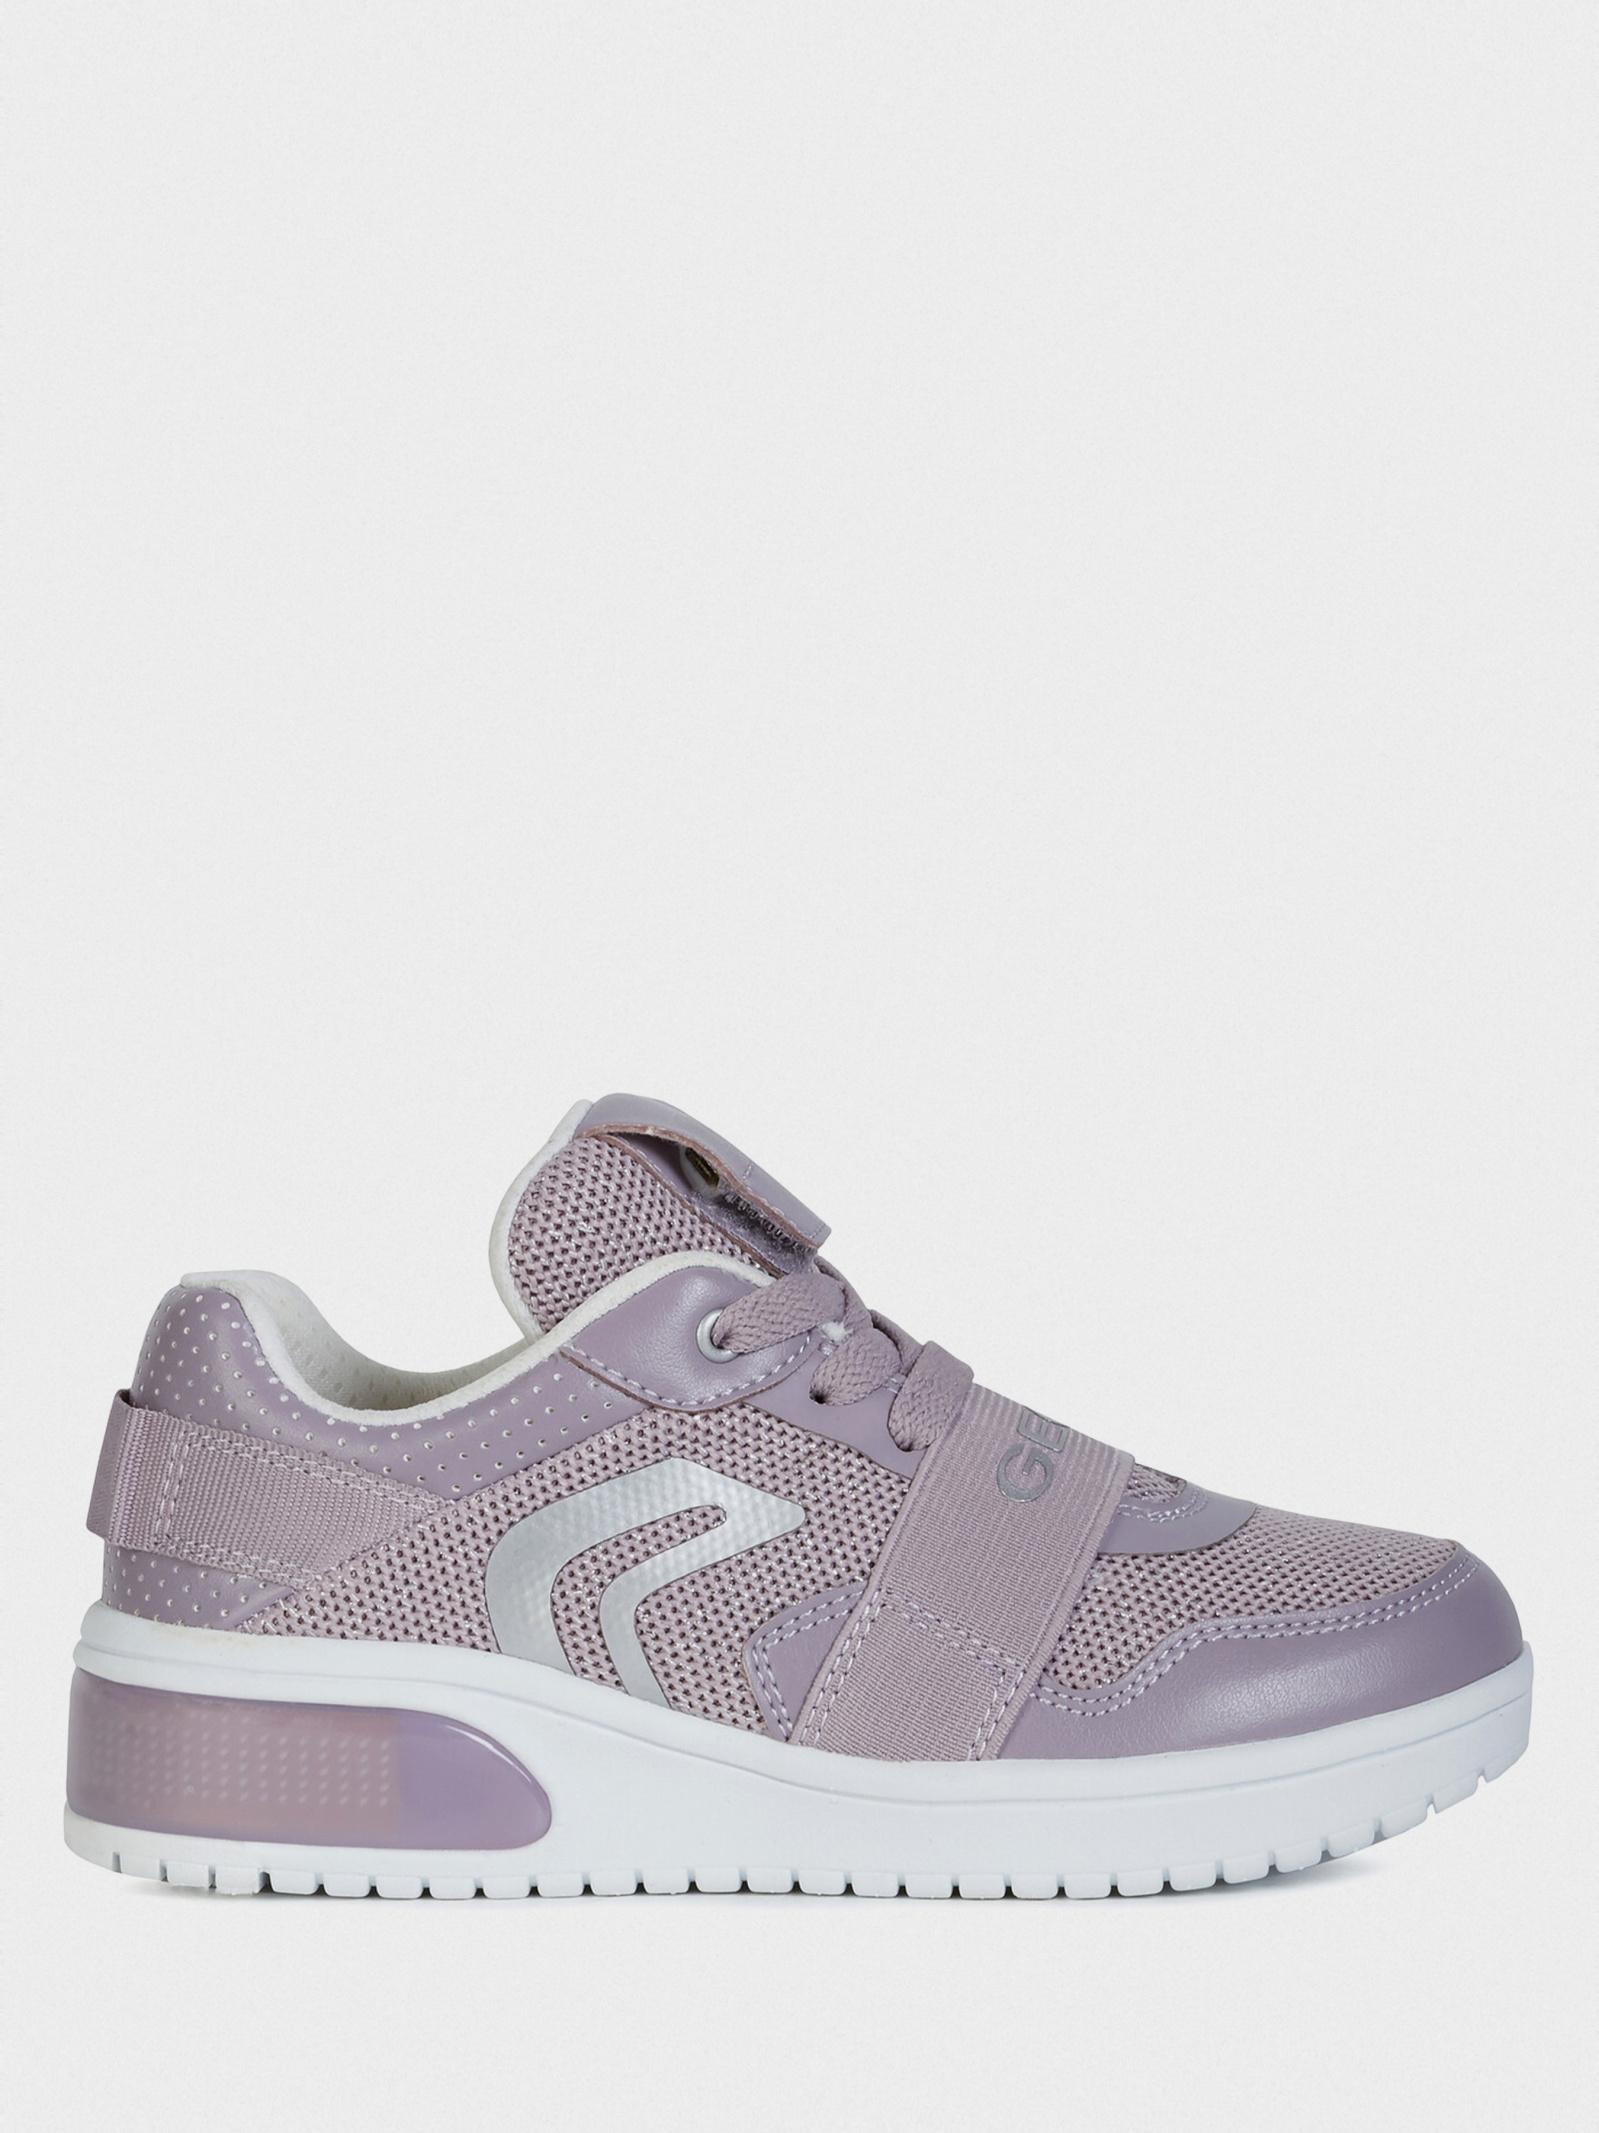 Кроссовки для детей Geox J XLED GIRL J928DA-06KNF-C8003 модная обувь, 2017